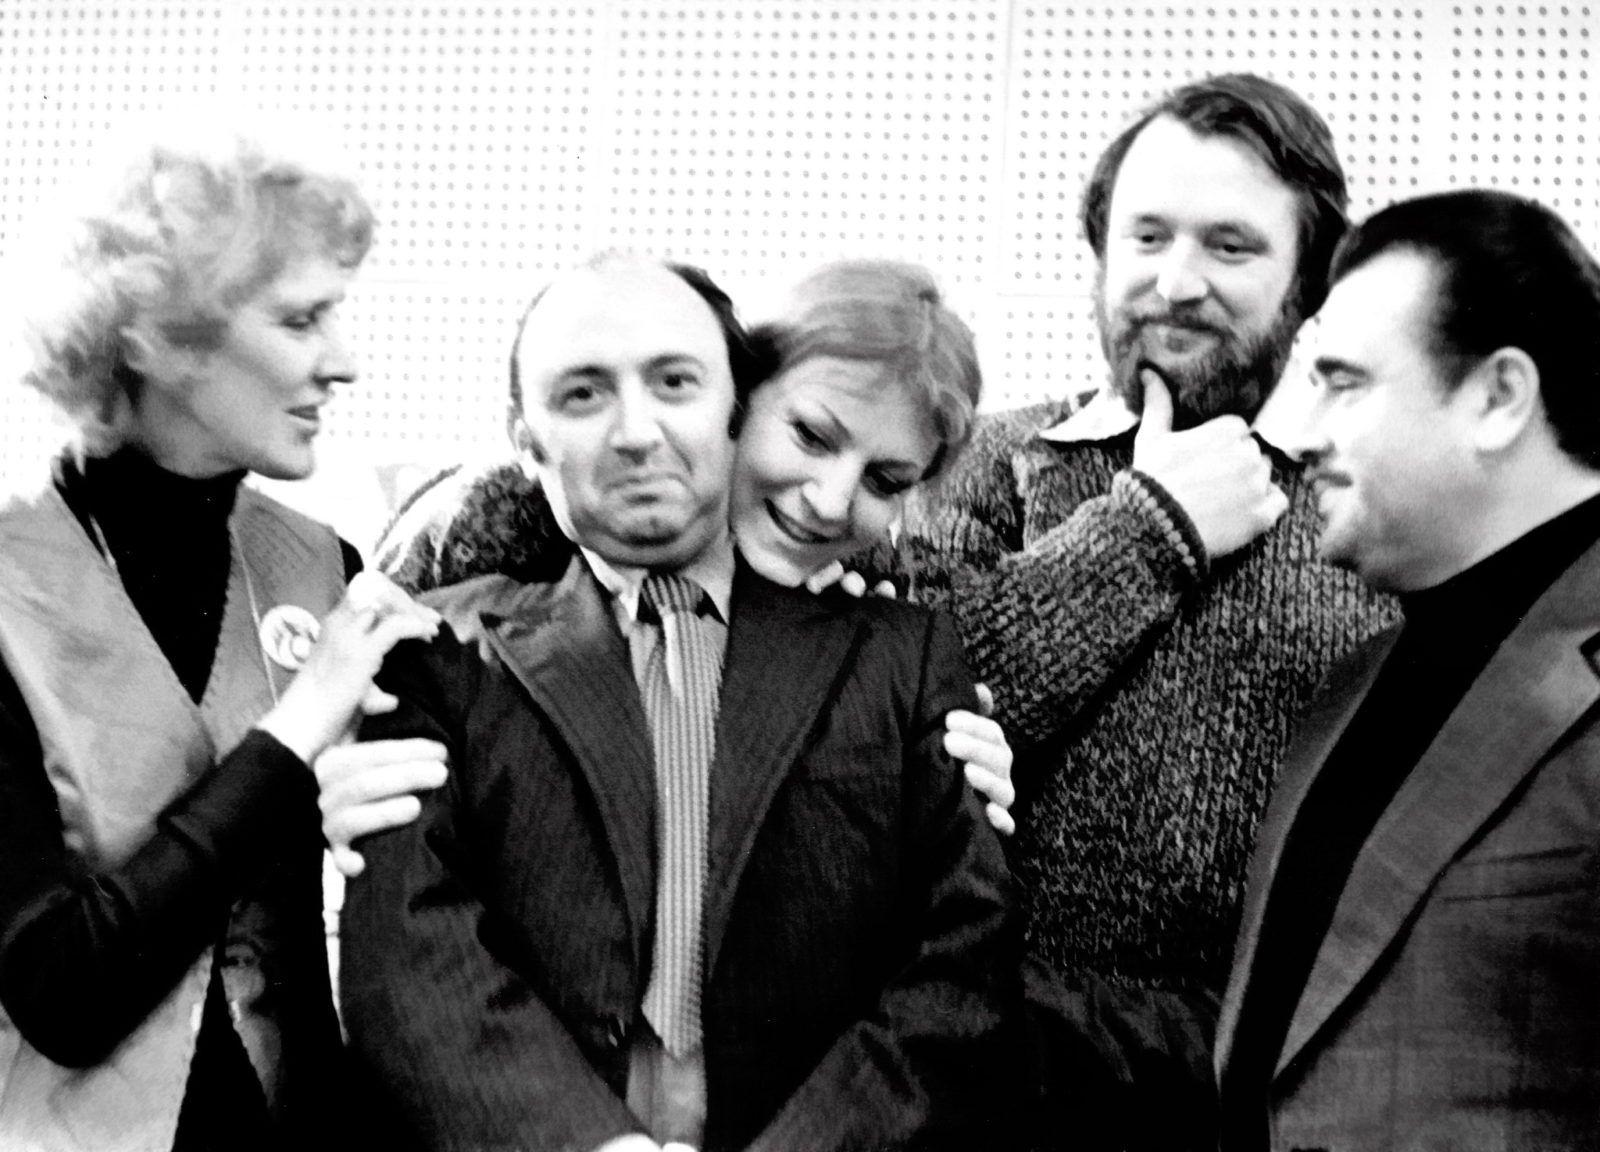 """Фирма """"Мелодия"""" (1980 г.): Анна Герман и Антс Паю (сзади) и Анна Качалина, Оскар Фельцман и Евгений Птичкин"""